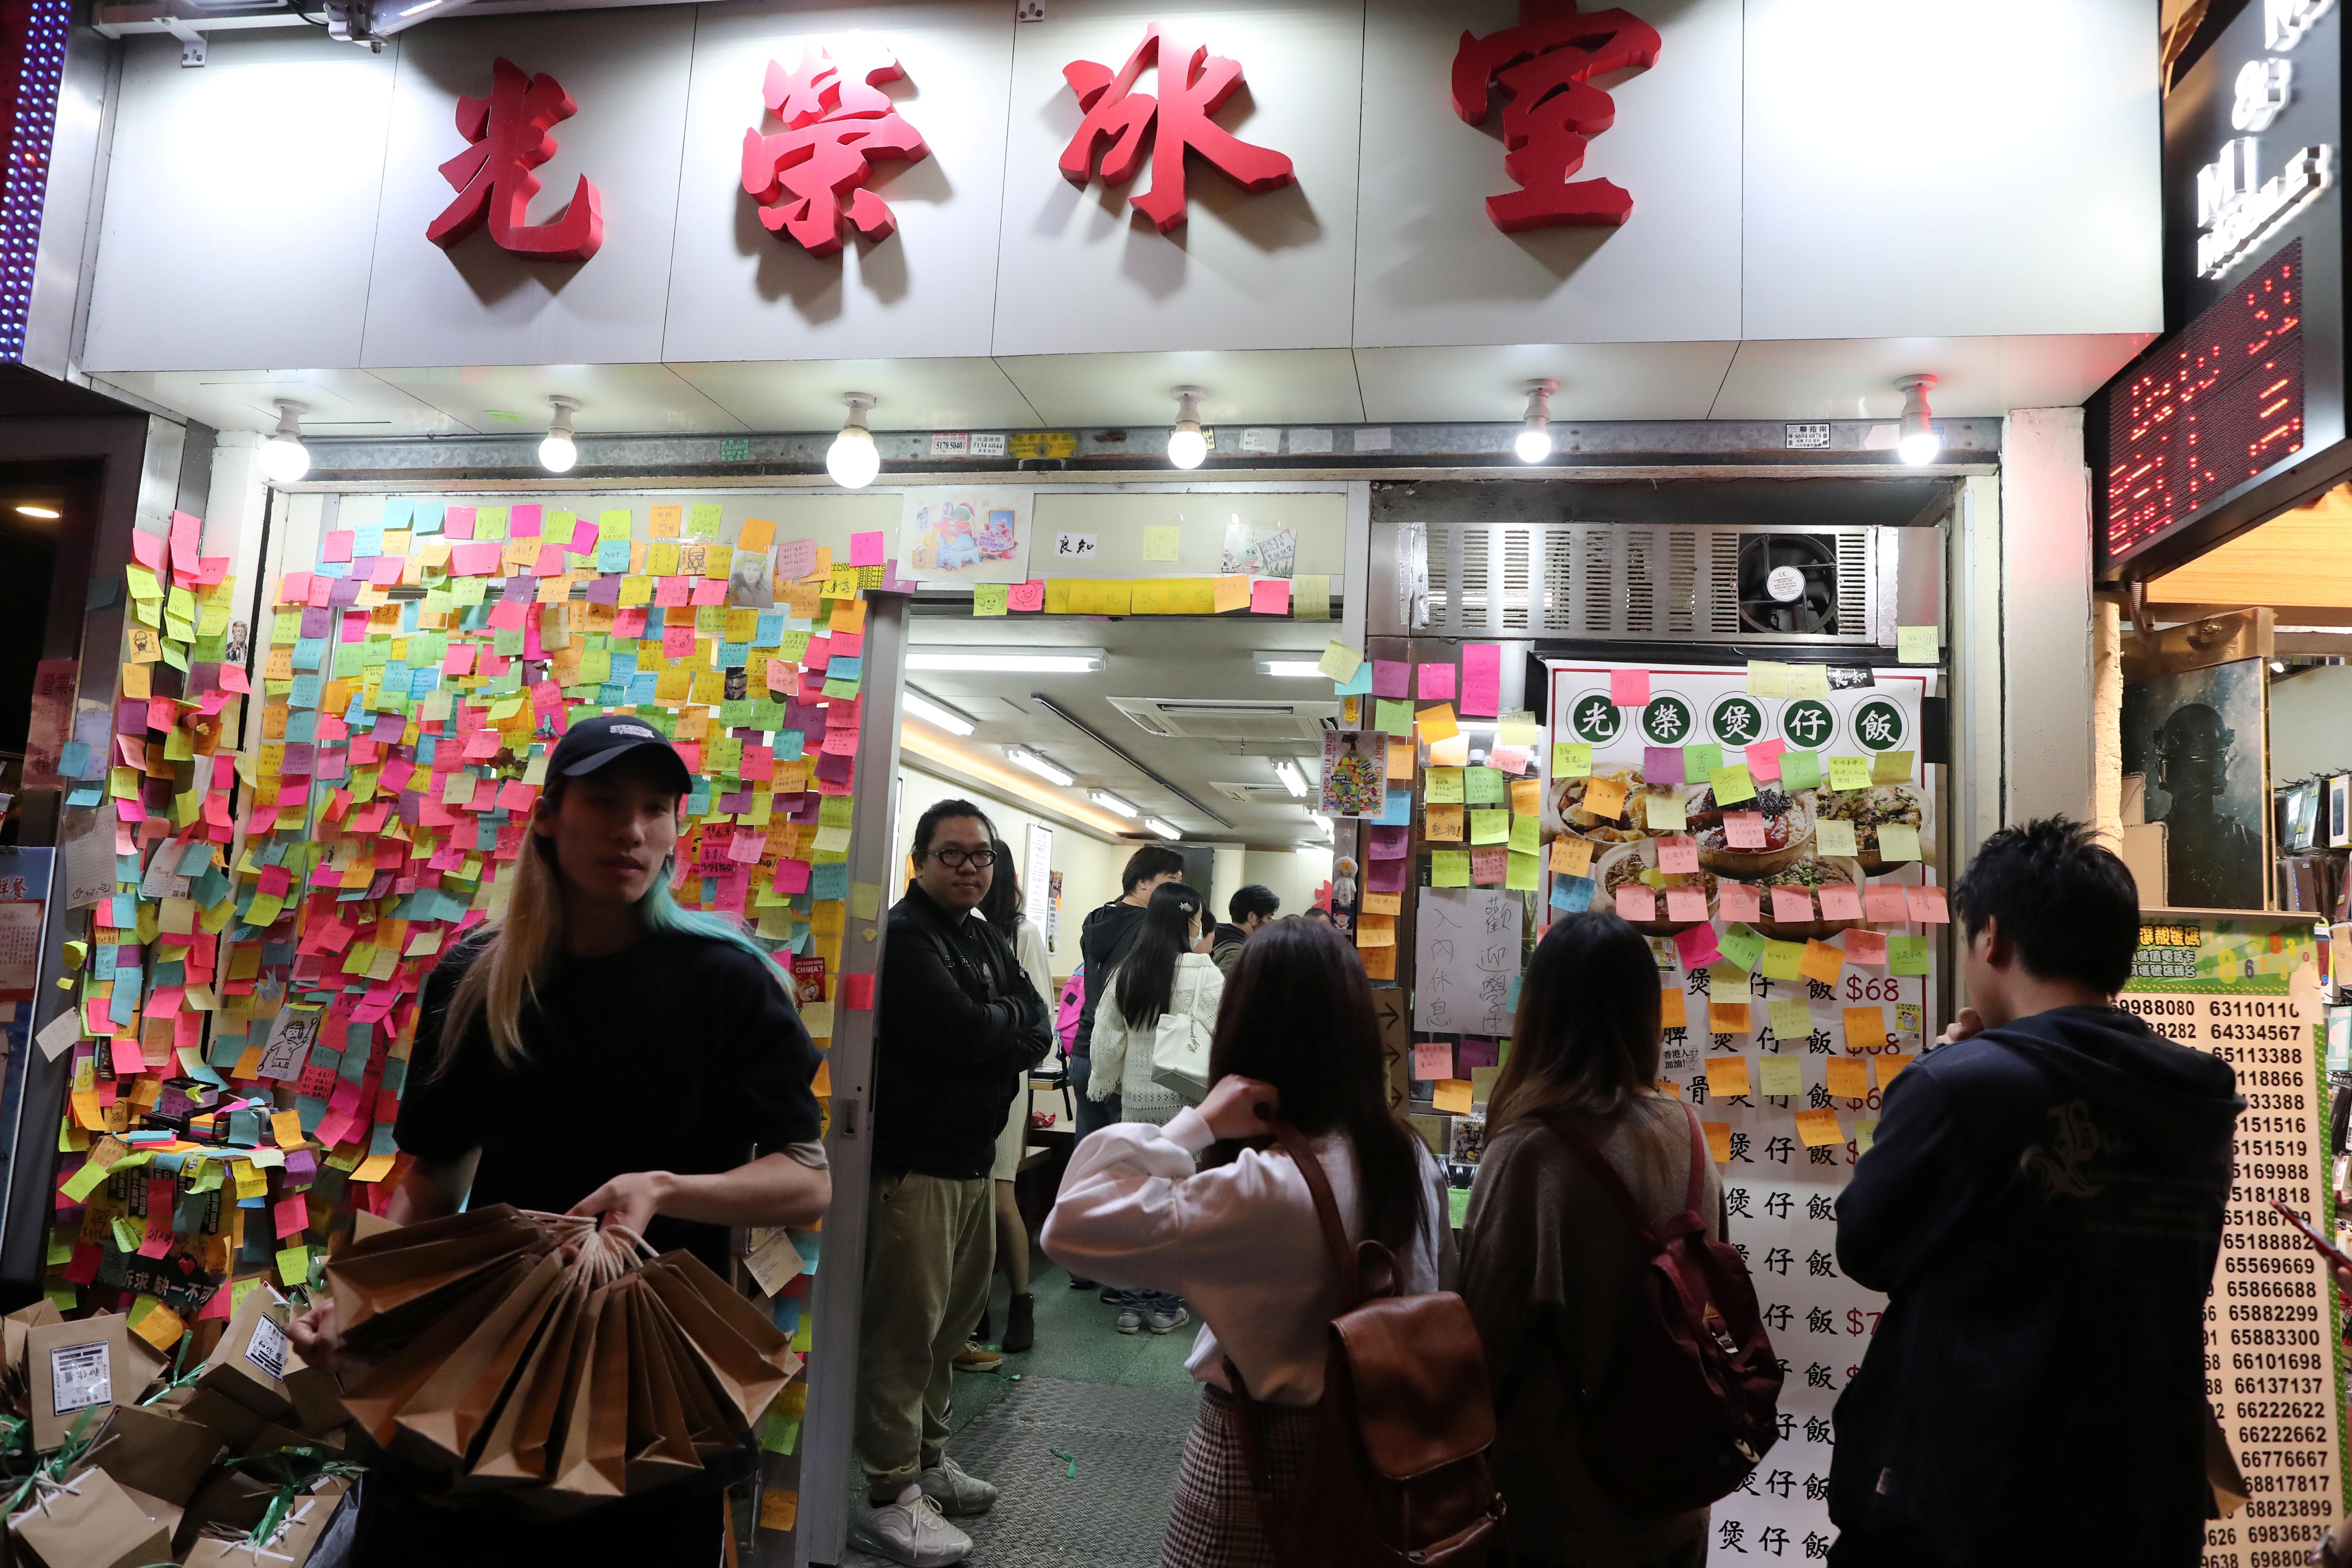 入夜后,大批市民排队等候进入店内,人龙遍布整条厚福街。-路透社-